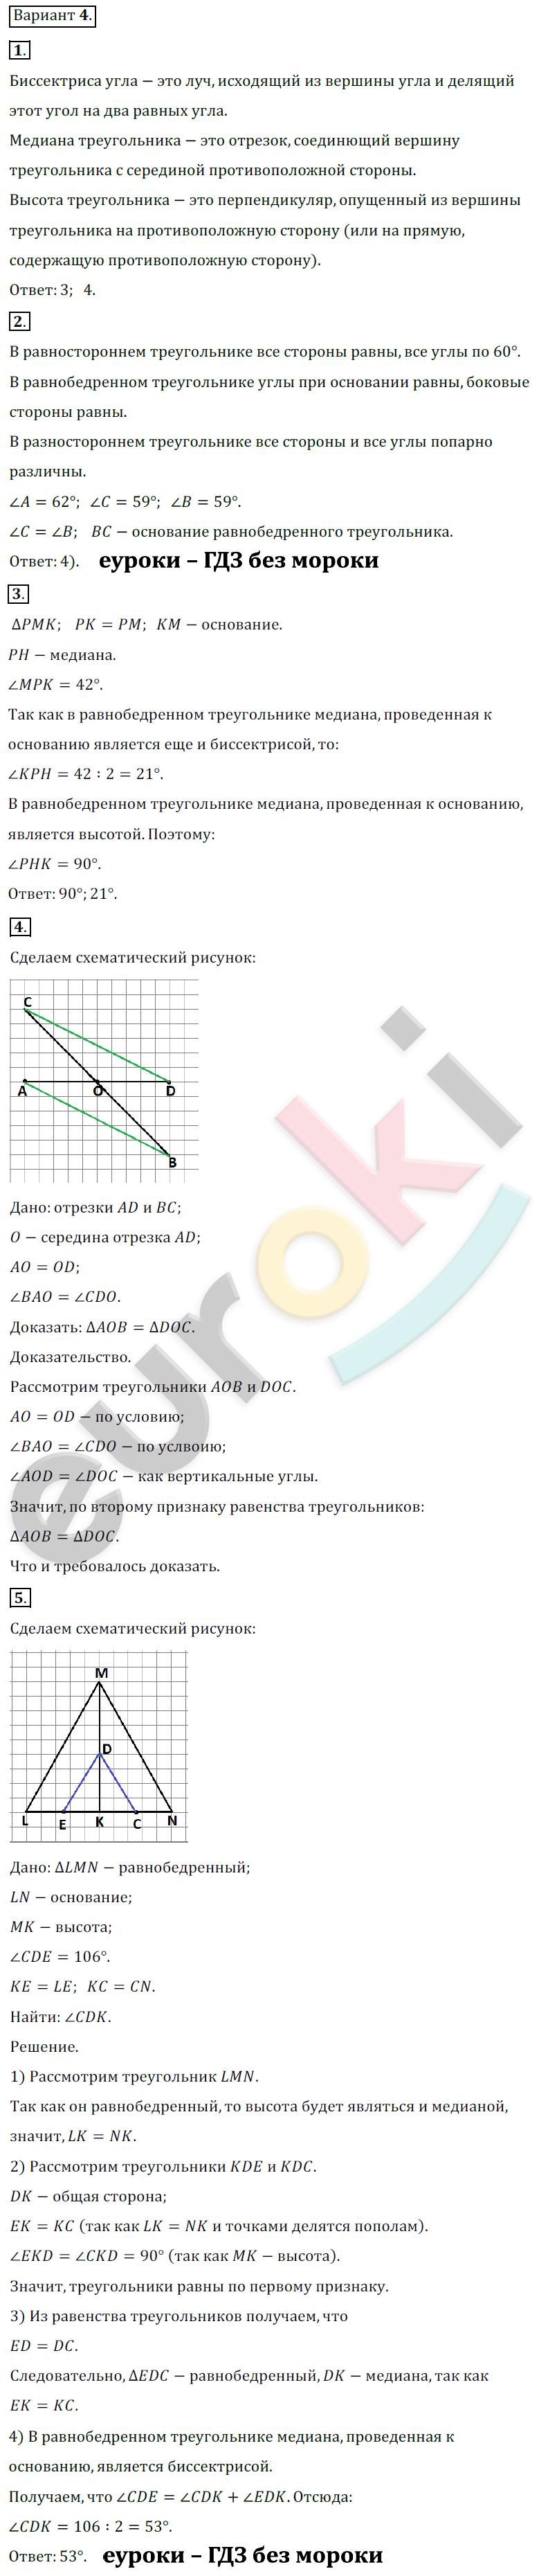 ГДЗ по геометрии 7 класс контрольные работы Мельникова, Погорелов Экзамен ответы и решения онлайн КР-3. Признаки равенства треугольников. Задание: Вариант 4